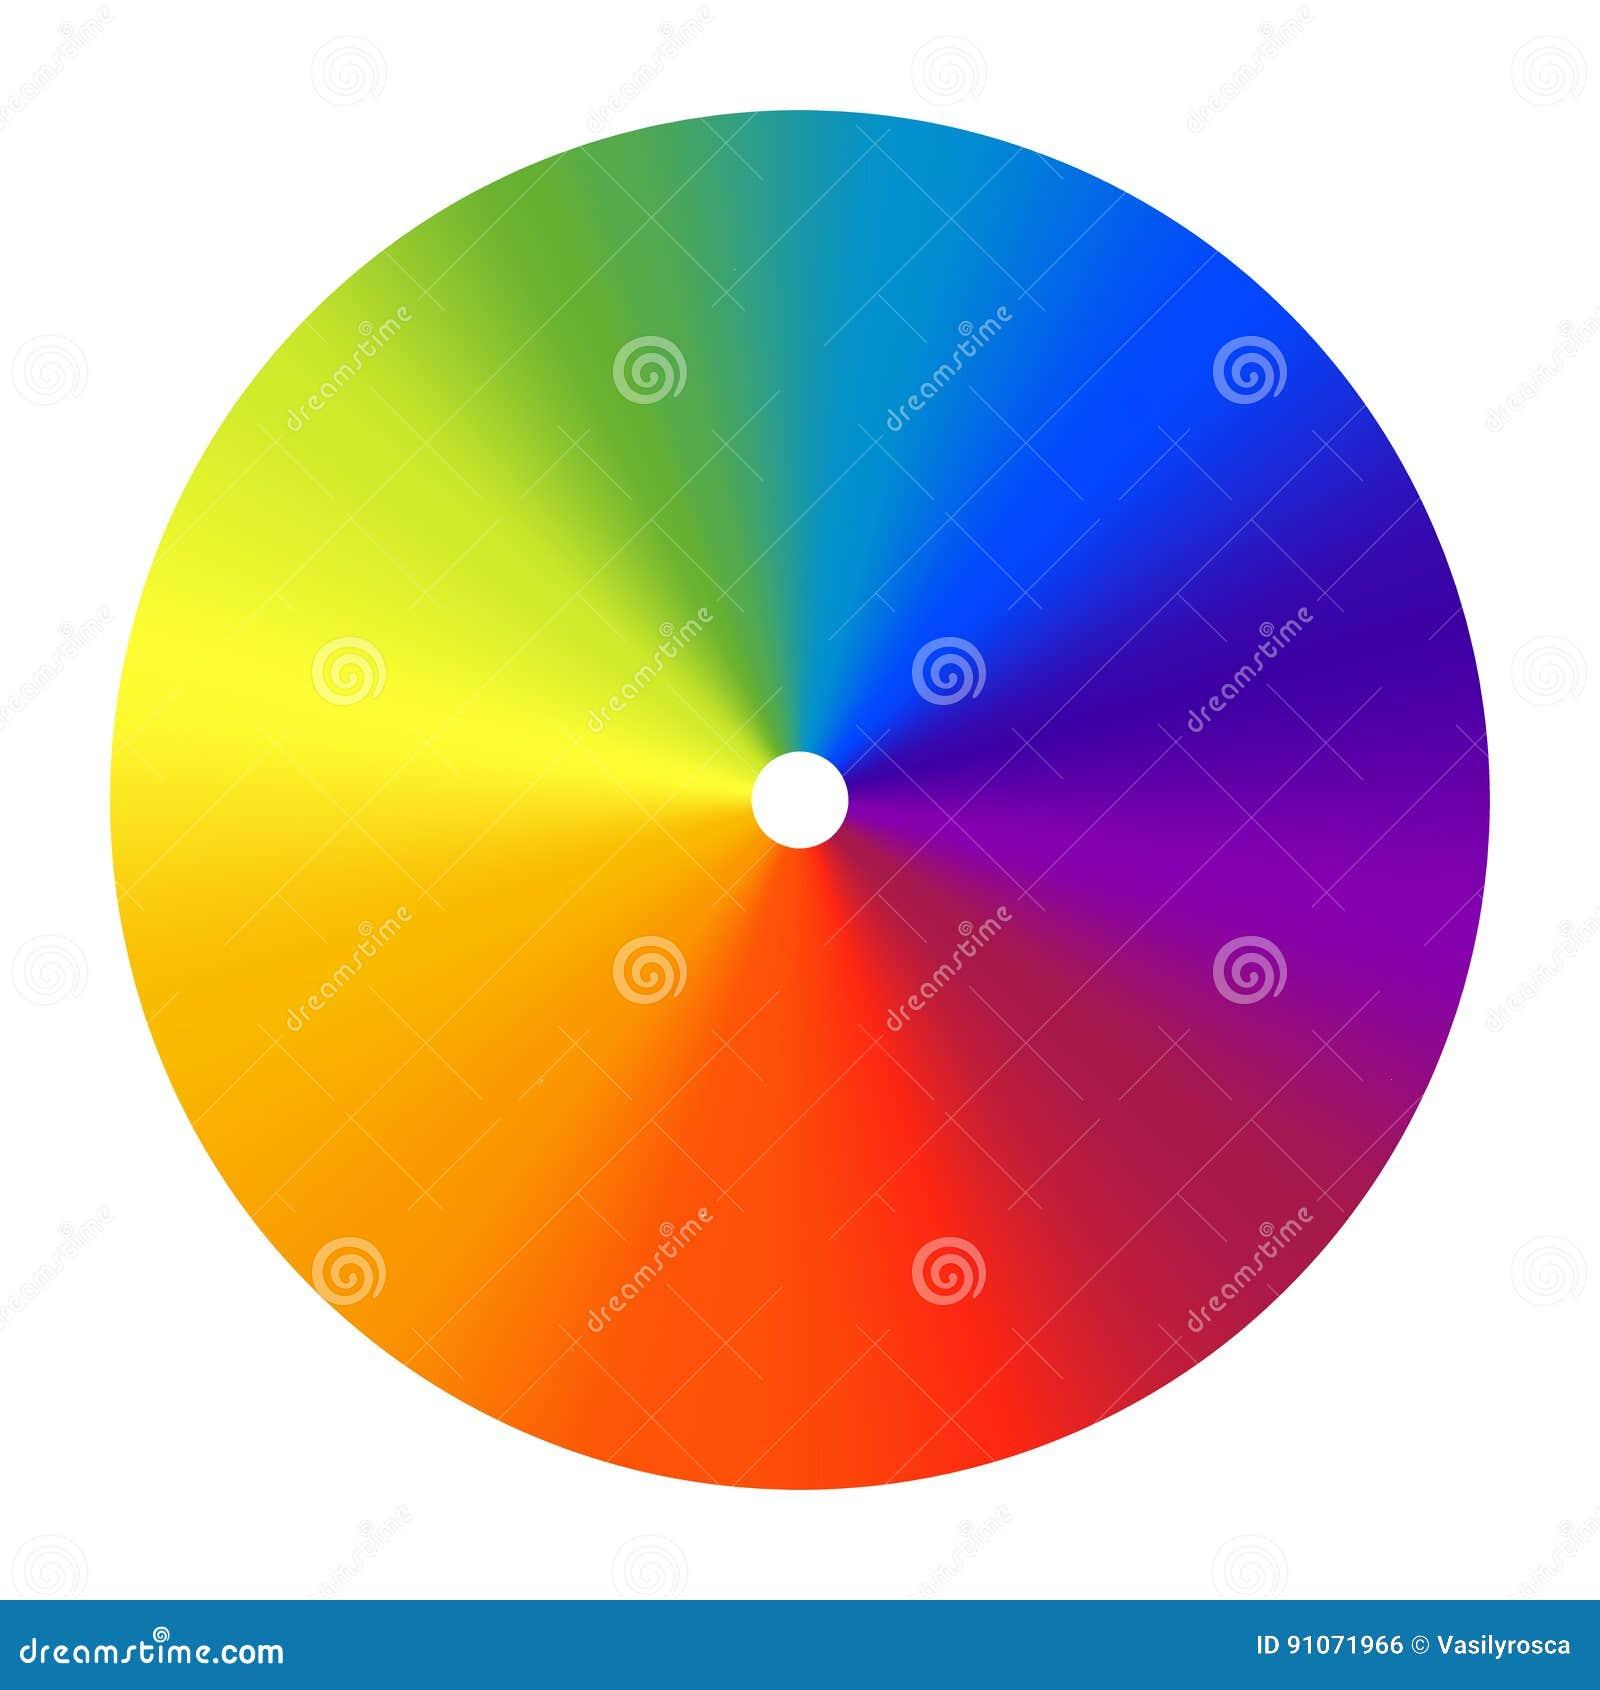 Koloru koła wektoru widmo Kolorowy okrąg tęczy projekt Kreatywnie przepojenie paleta Graficzna ilustracja